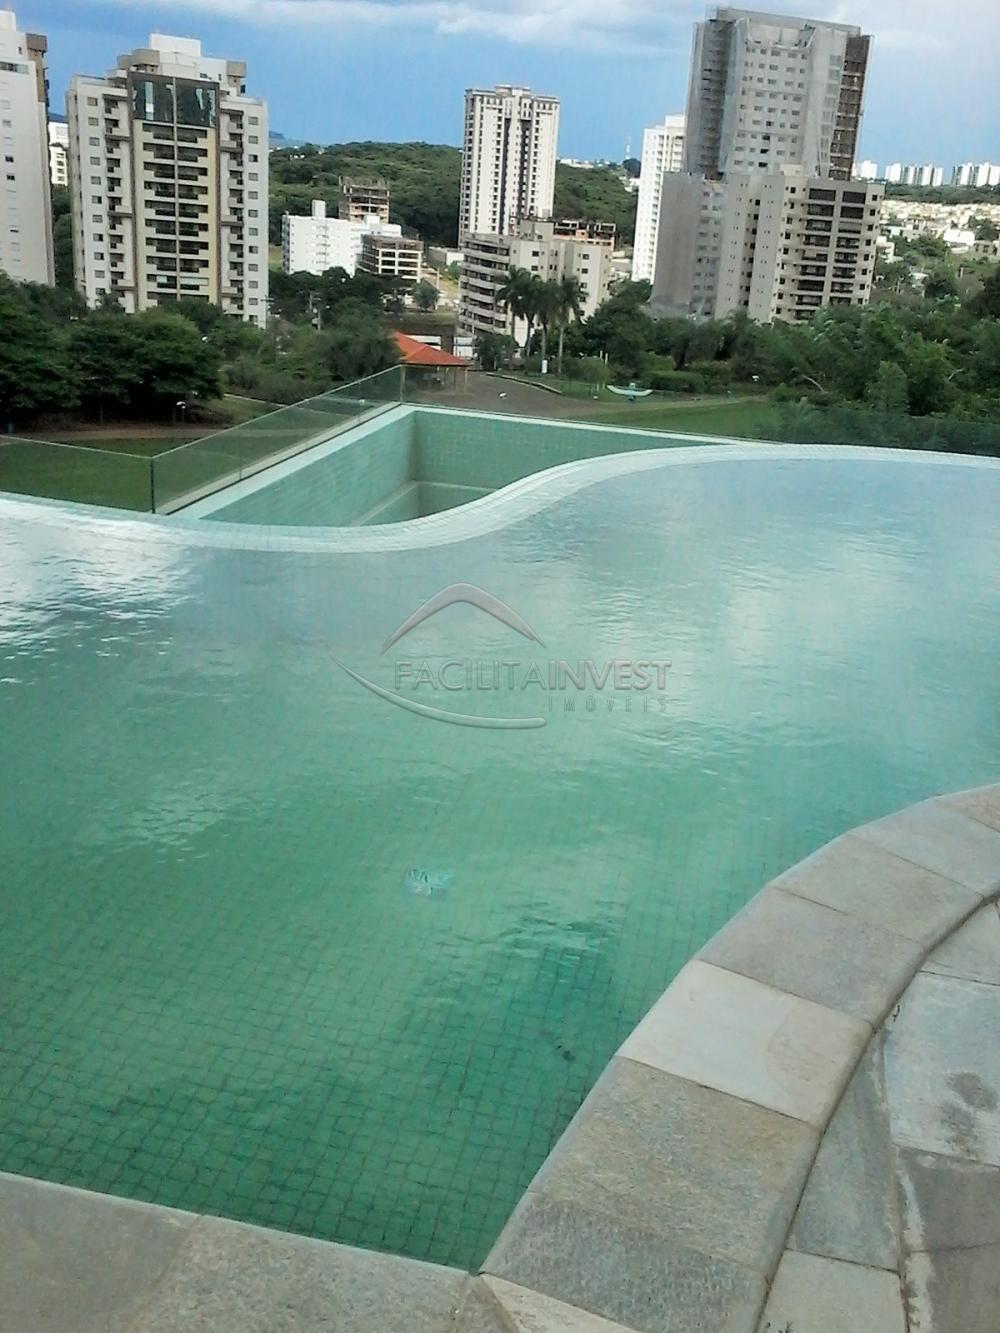 Alugar Apartamentos / Apart. Padrão em Ribeirão Preto apenas R$ 3.000,00 - Foto 7